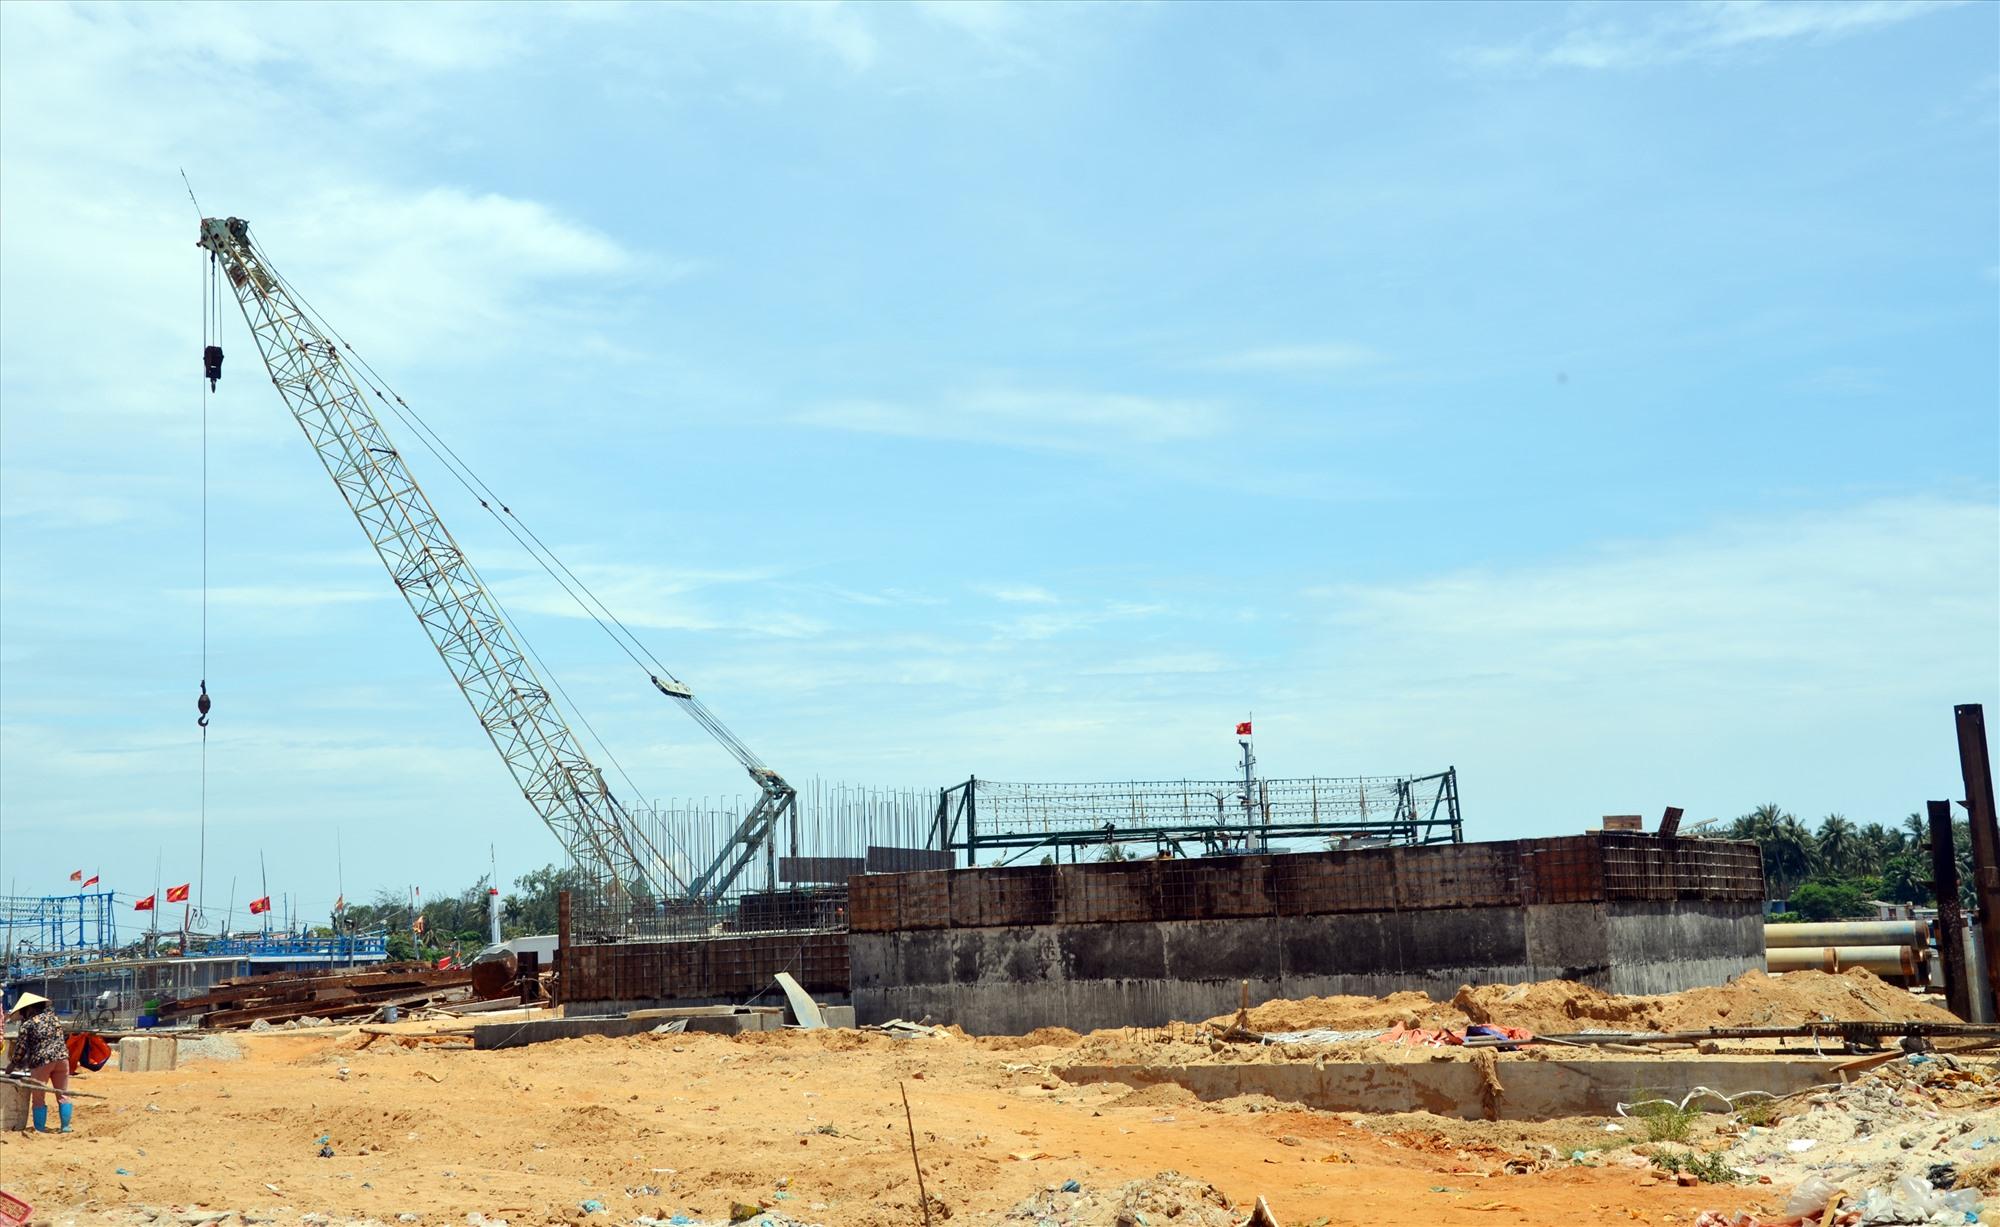 Dự án cảng cá Tam Quang không đảm bảo tiến độ do chậm giải phóng mặt bằng. Ảnh: T.H